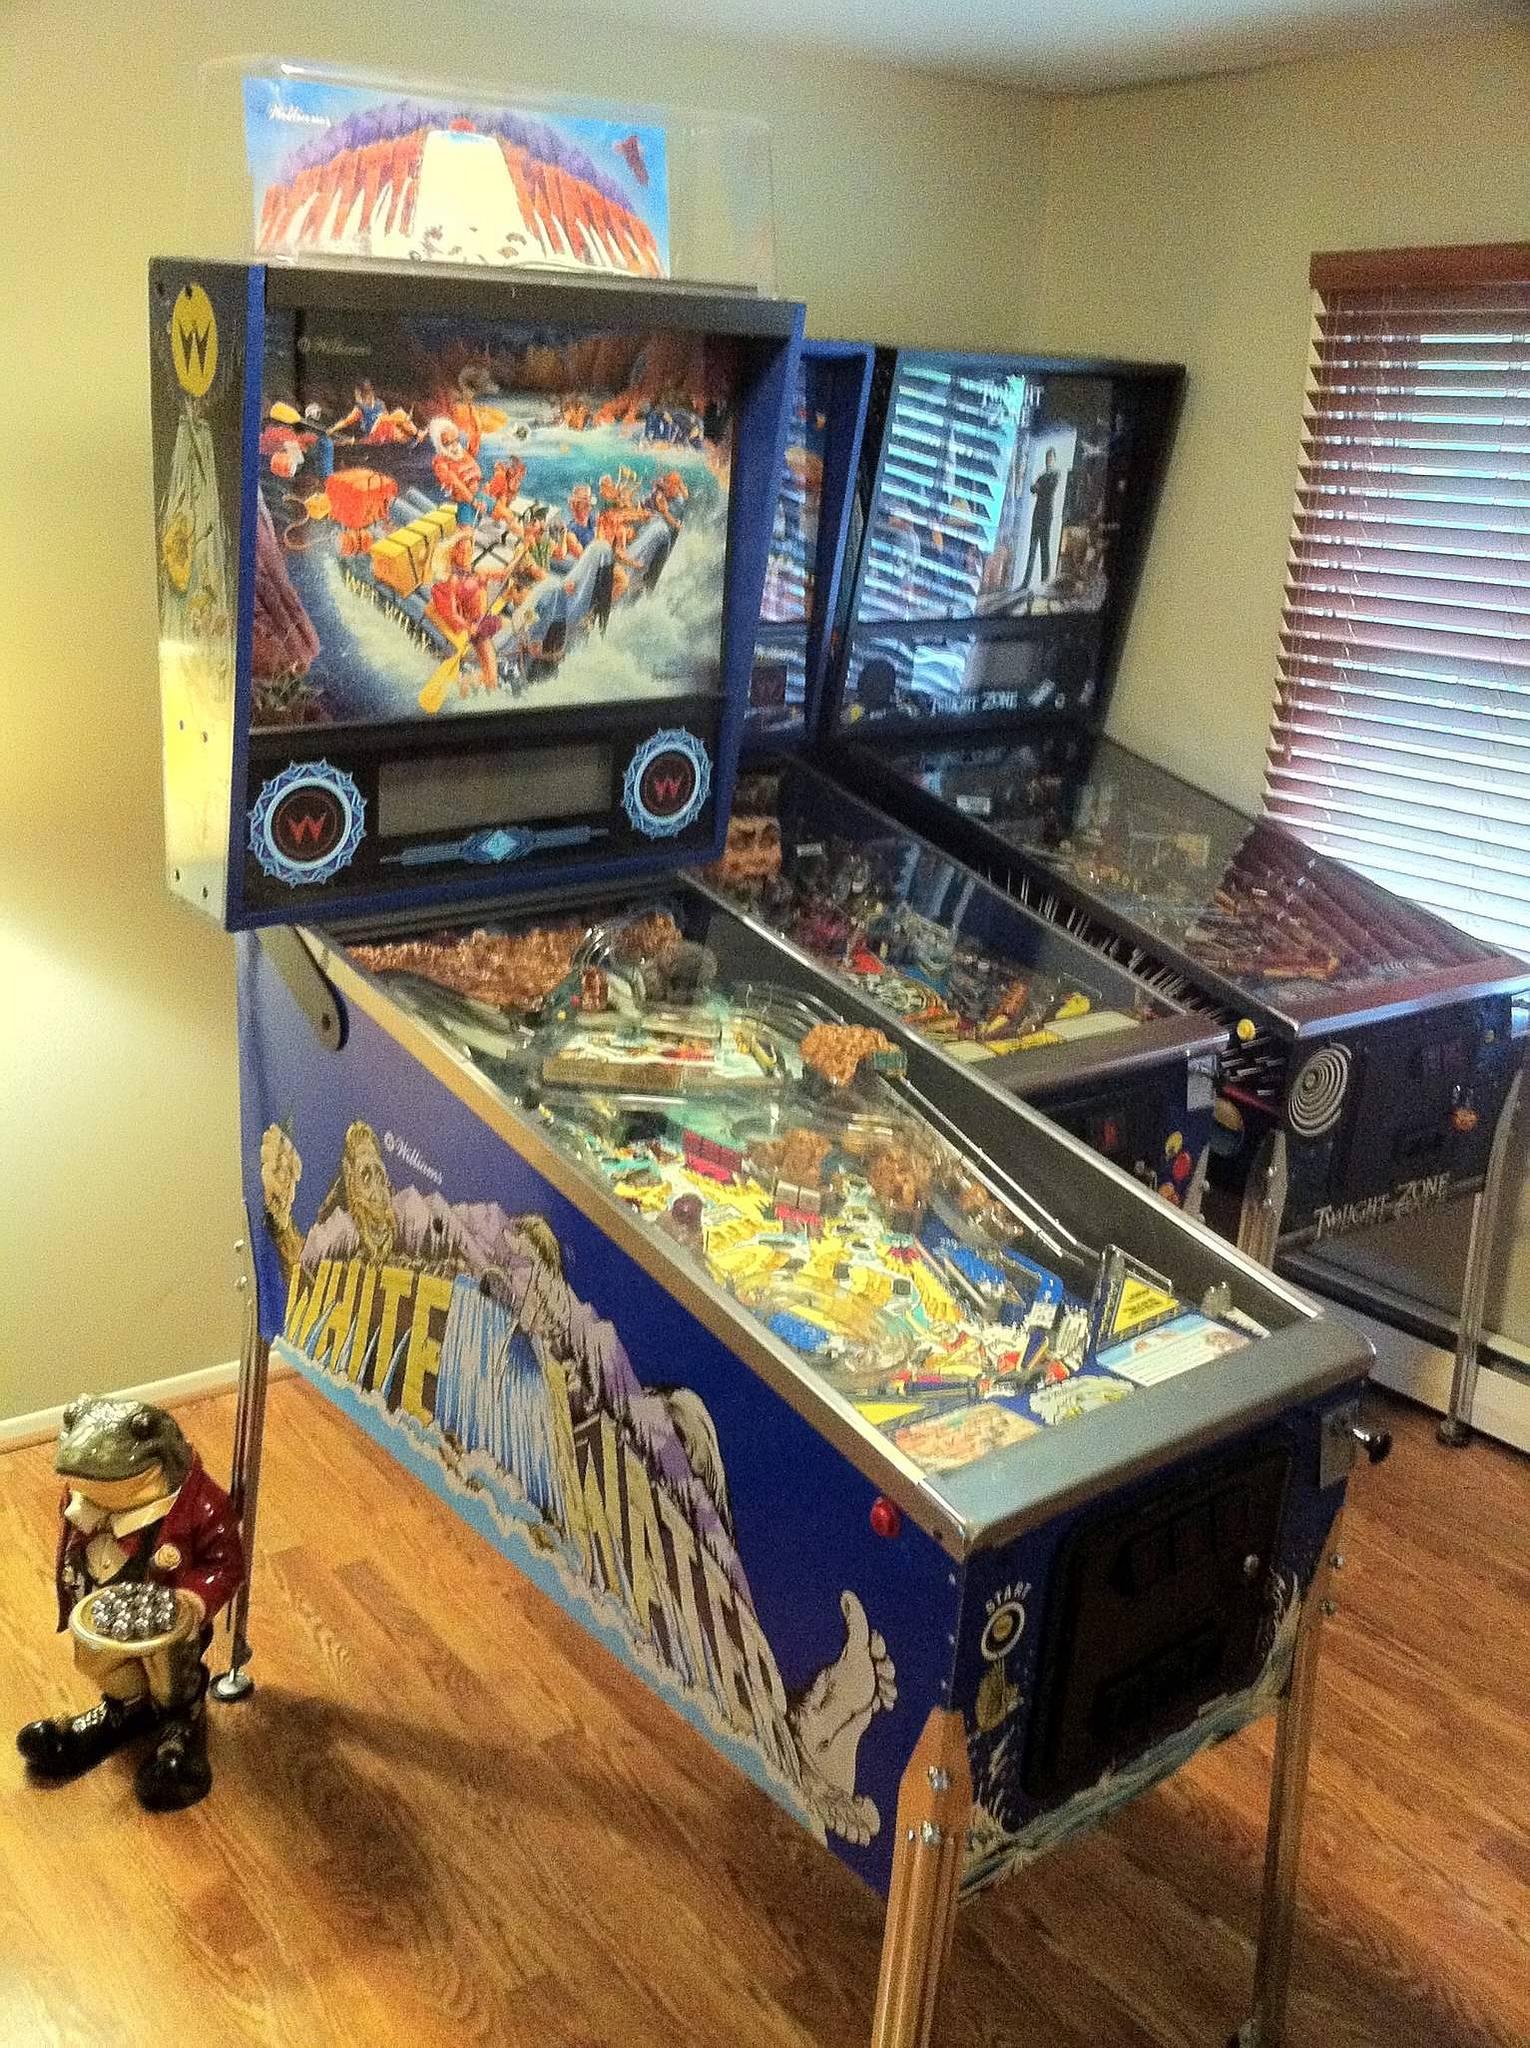 white water pinball machine for sale